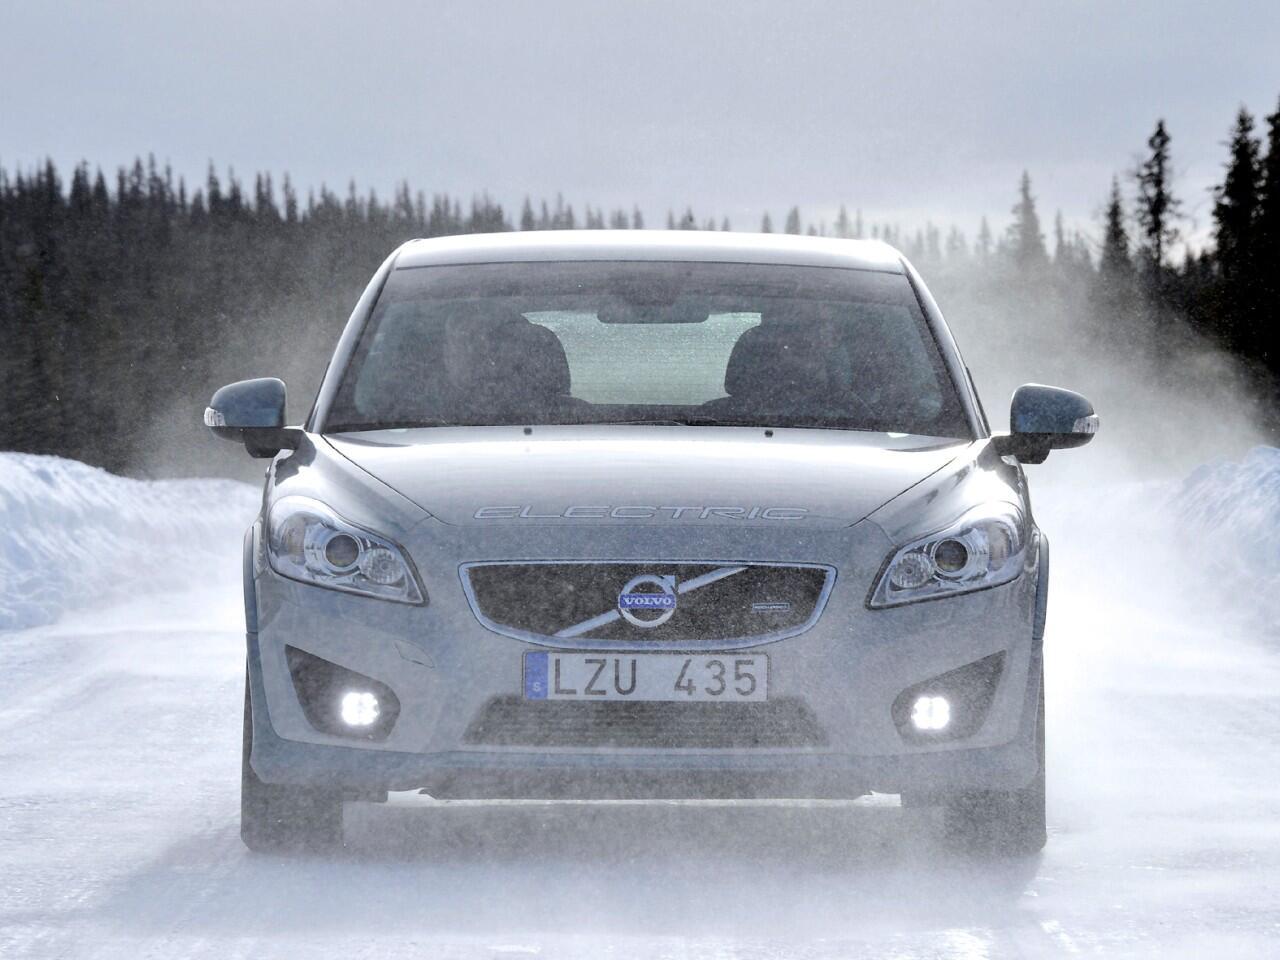 Bild zu Elektroautos im Winter: Was leisten ihre Batterien bei Kälte?